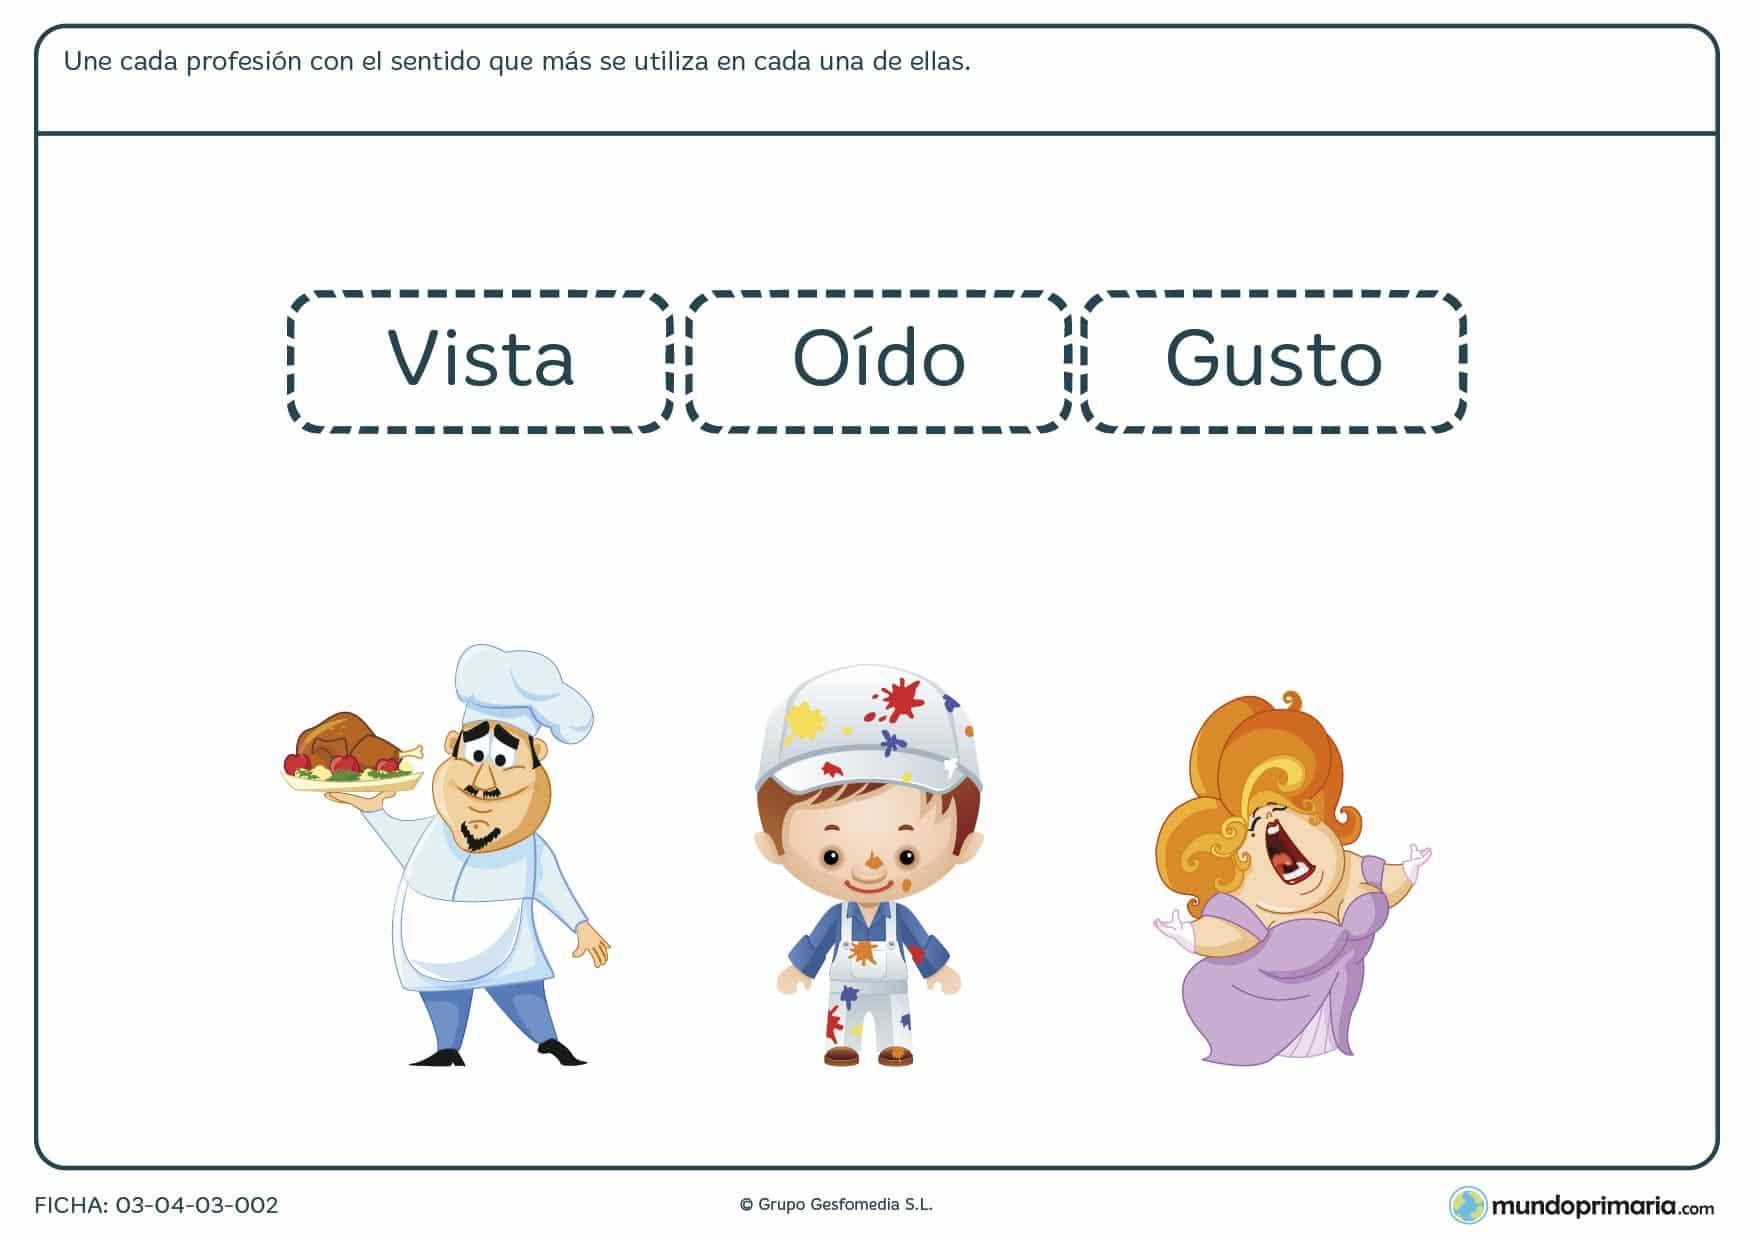 Ficha del sentido utilizado en cada profesión donde los niños de primaria asocian los sentidos que se emplean en distintas profesiones